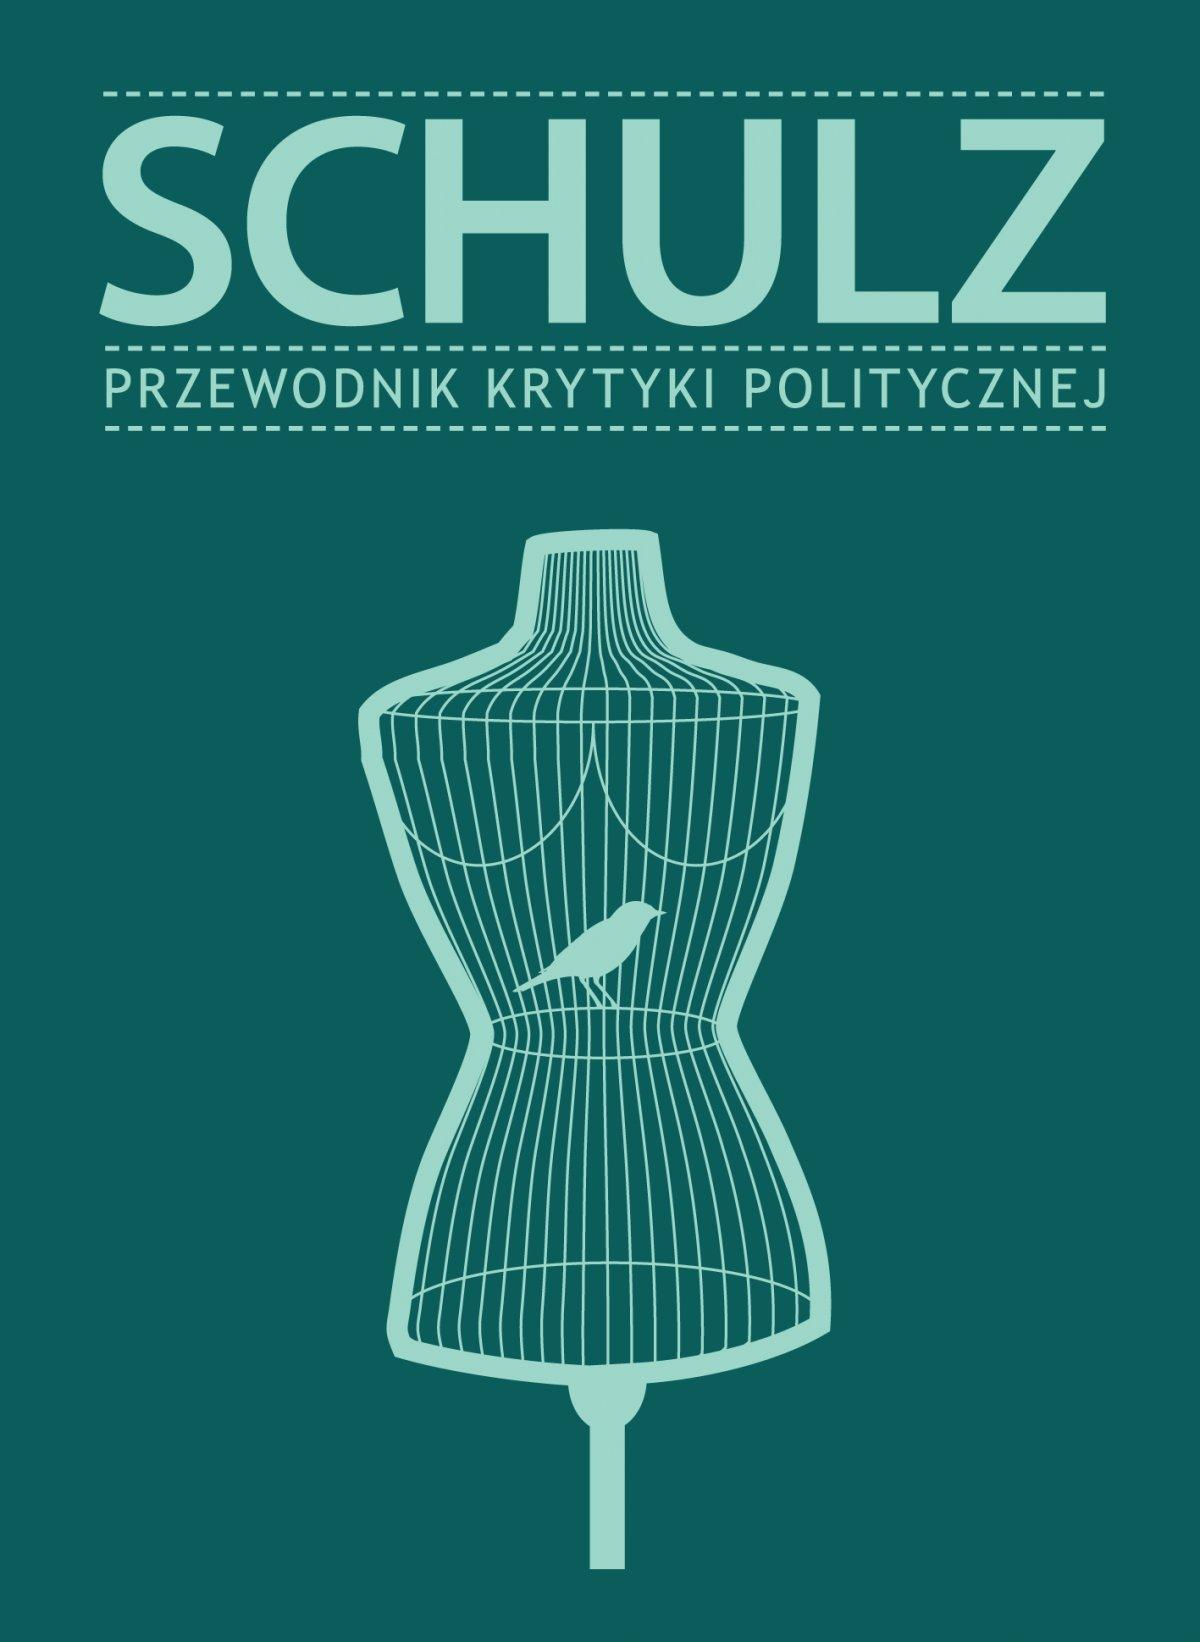 Schulz. Przewodnik Krytyki Politycznej - Ebook (Książka na Kindle) do pobrania w formacie MOBI